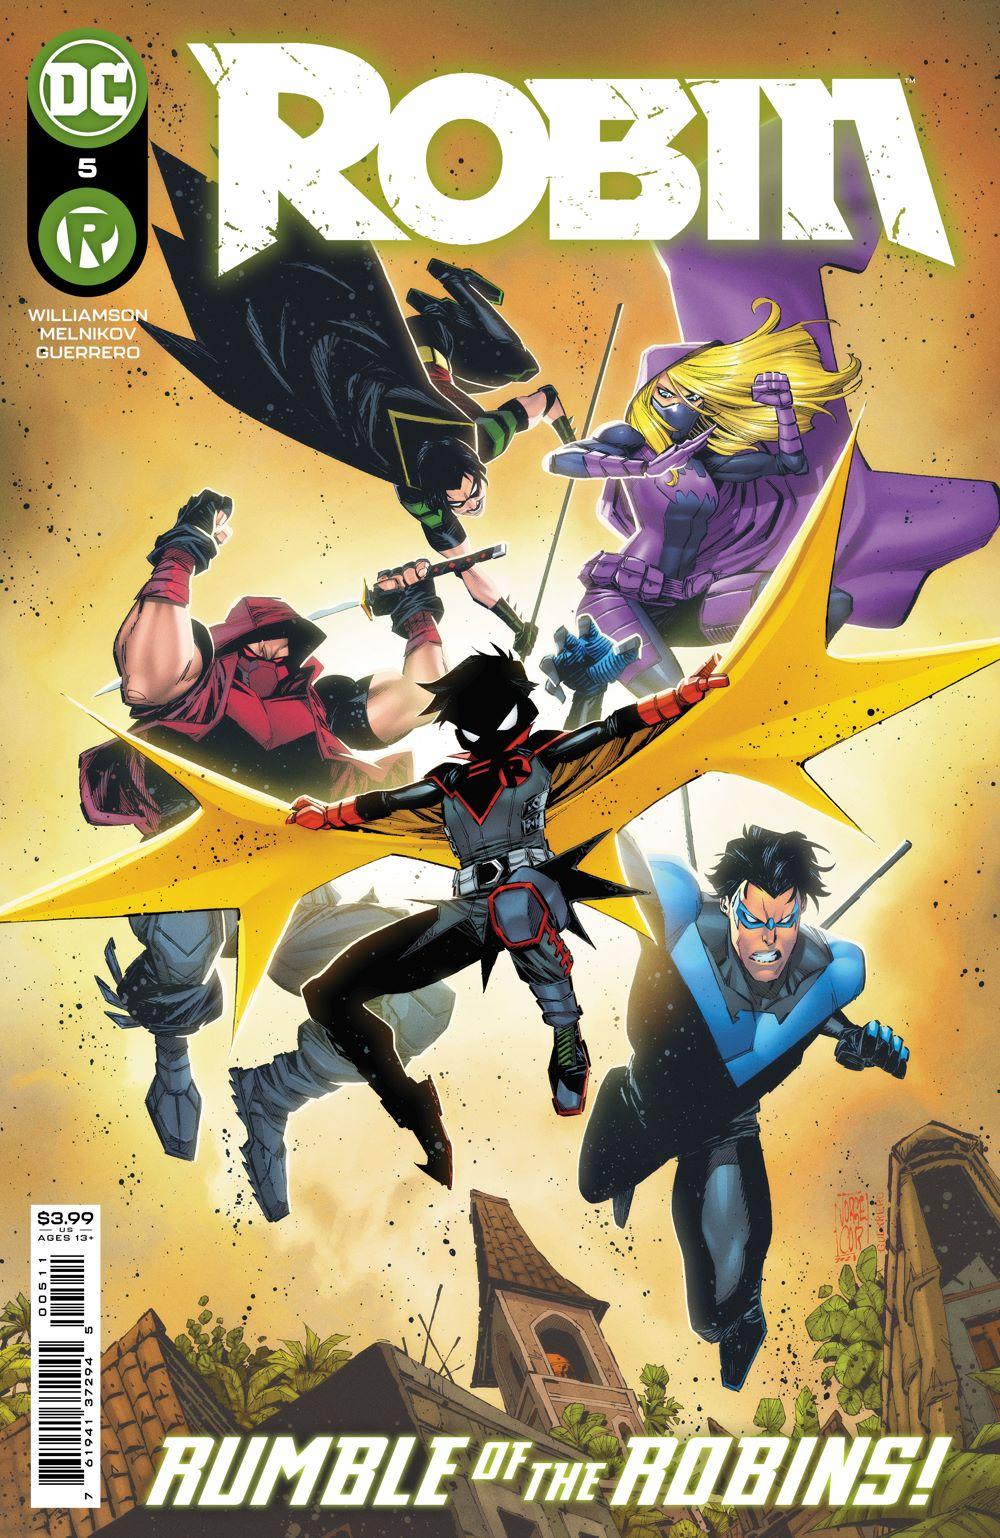 ROBIN_Cv5 DC Comics August 2021 Solicitations